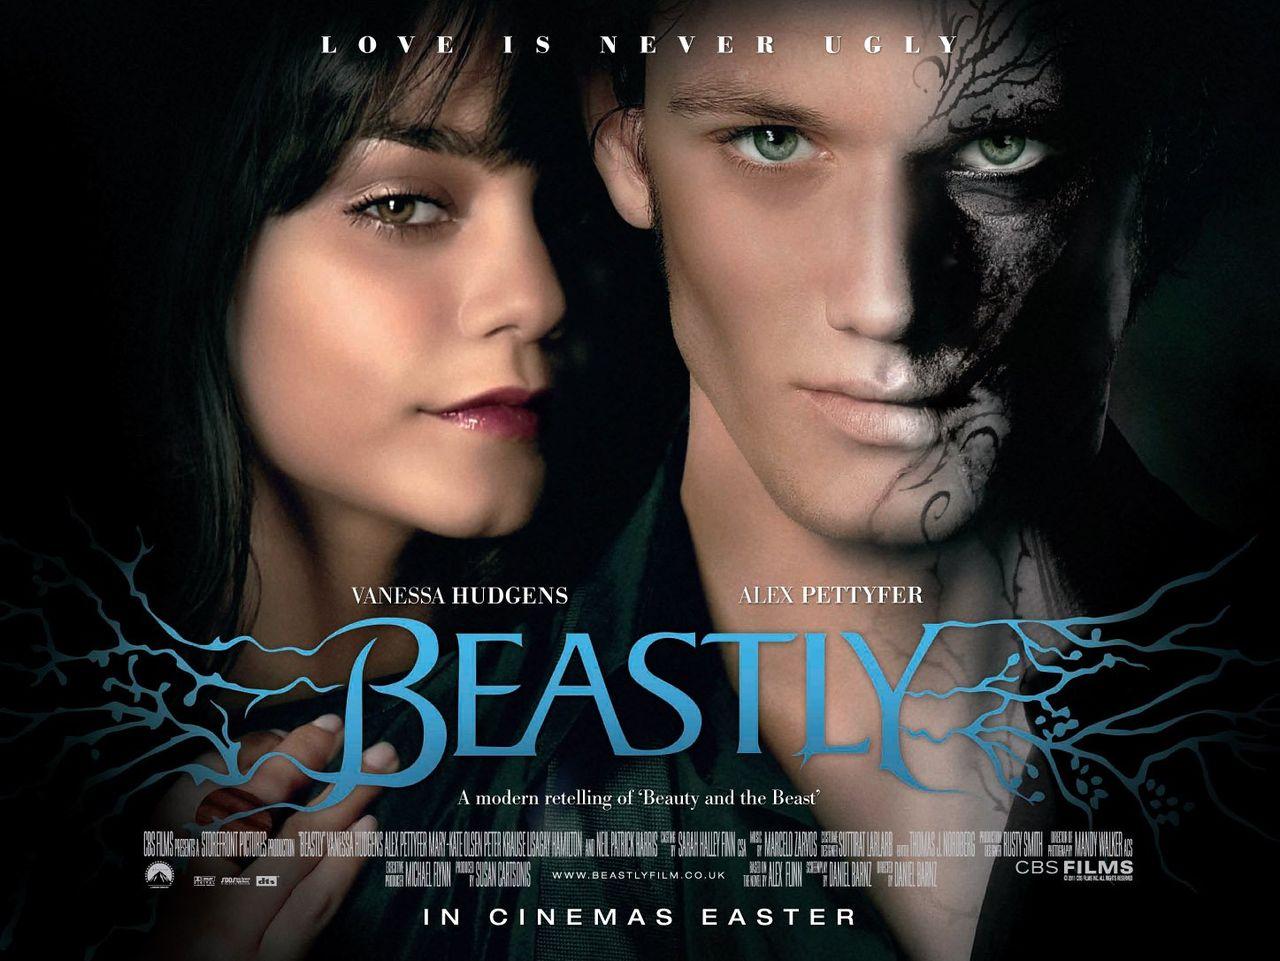 映画『ビーストリー BEASTLY』ポスター(1)